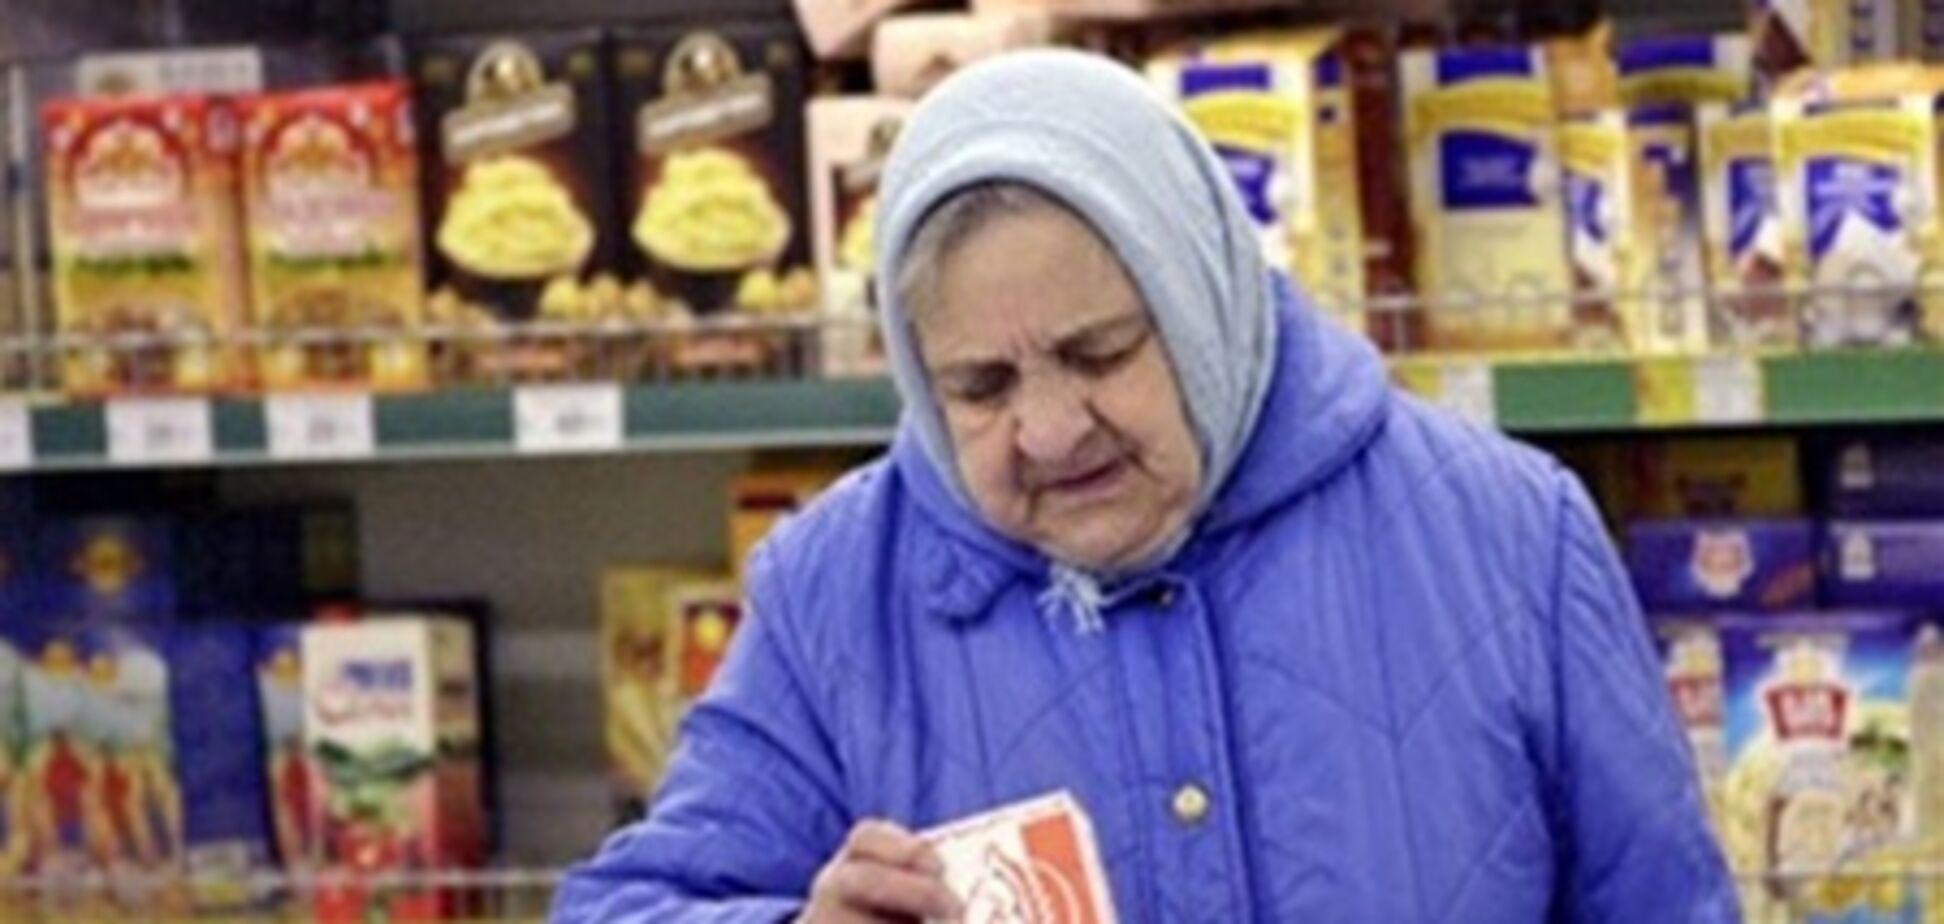 Ценовой шок по-киевски: прогнозы не утешительны